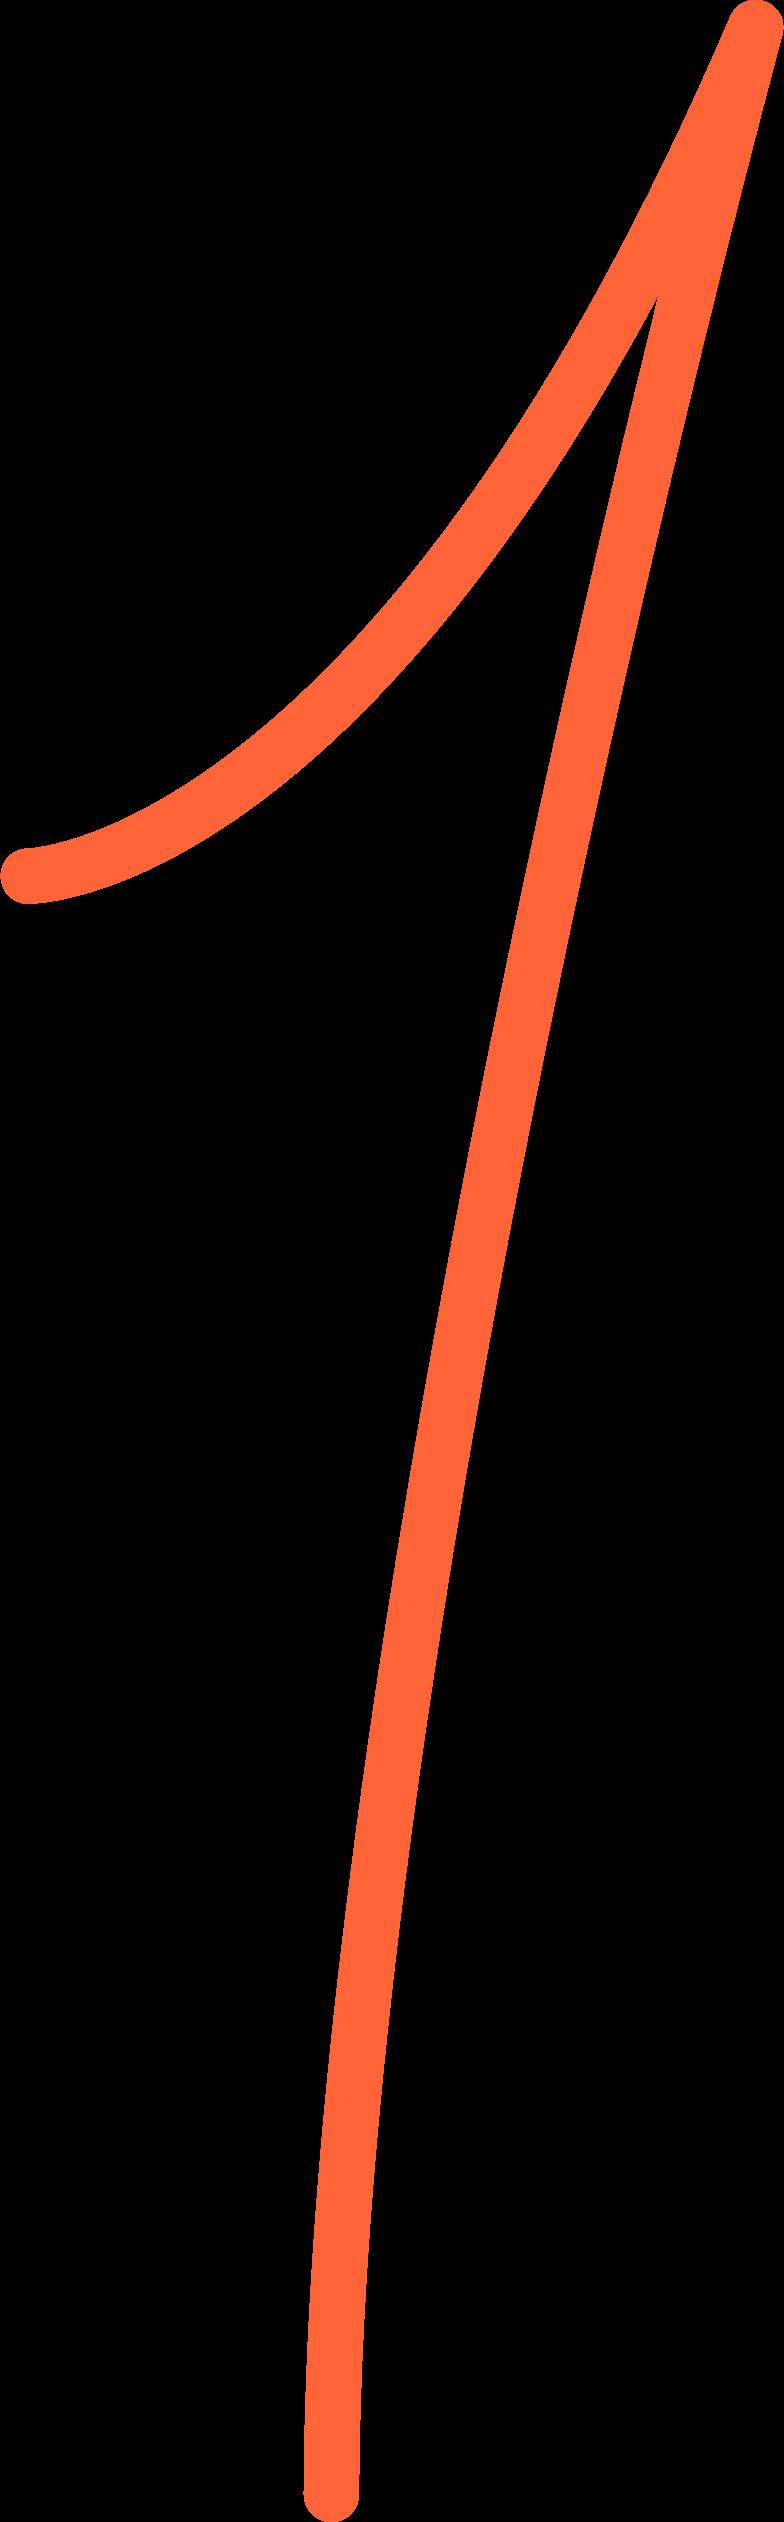 Immagine Vettoriale uno in PNG e SVG in stile  | Illustrazioni Icons8